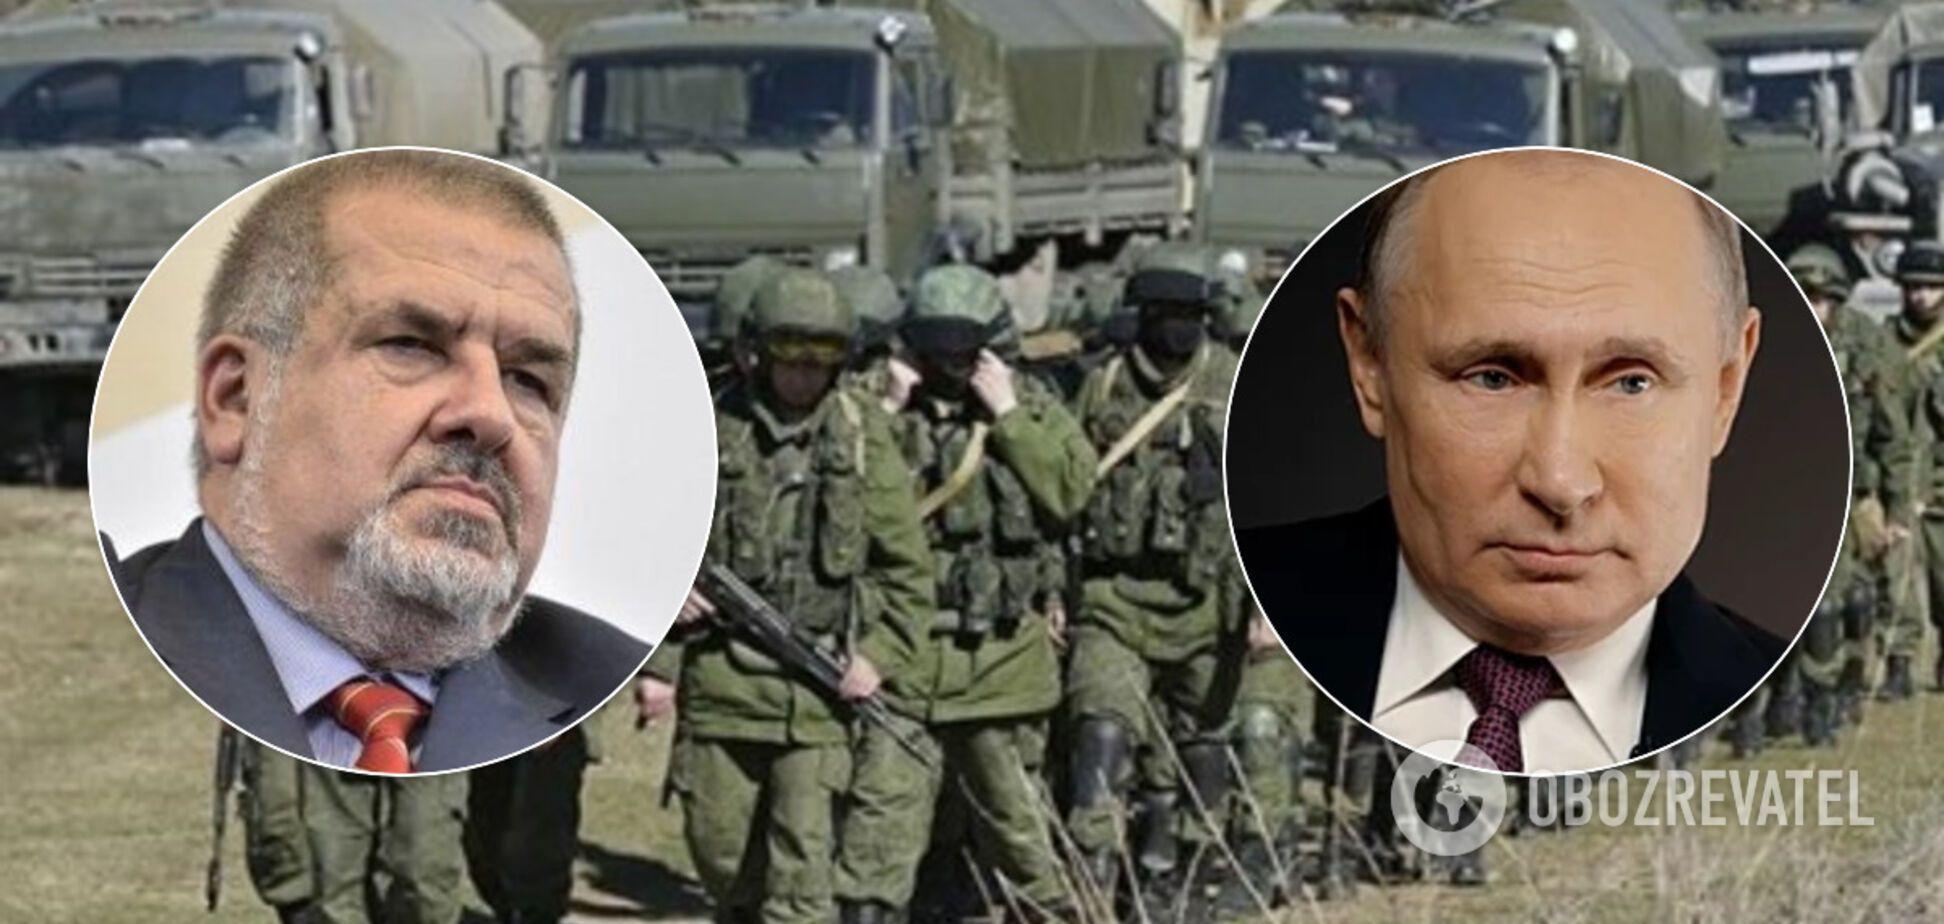 Путін знайшов виправдання для нових військових дій проти України – Чубаров